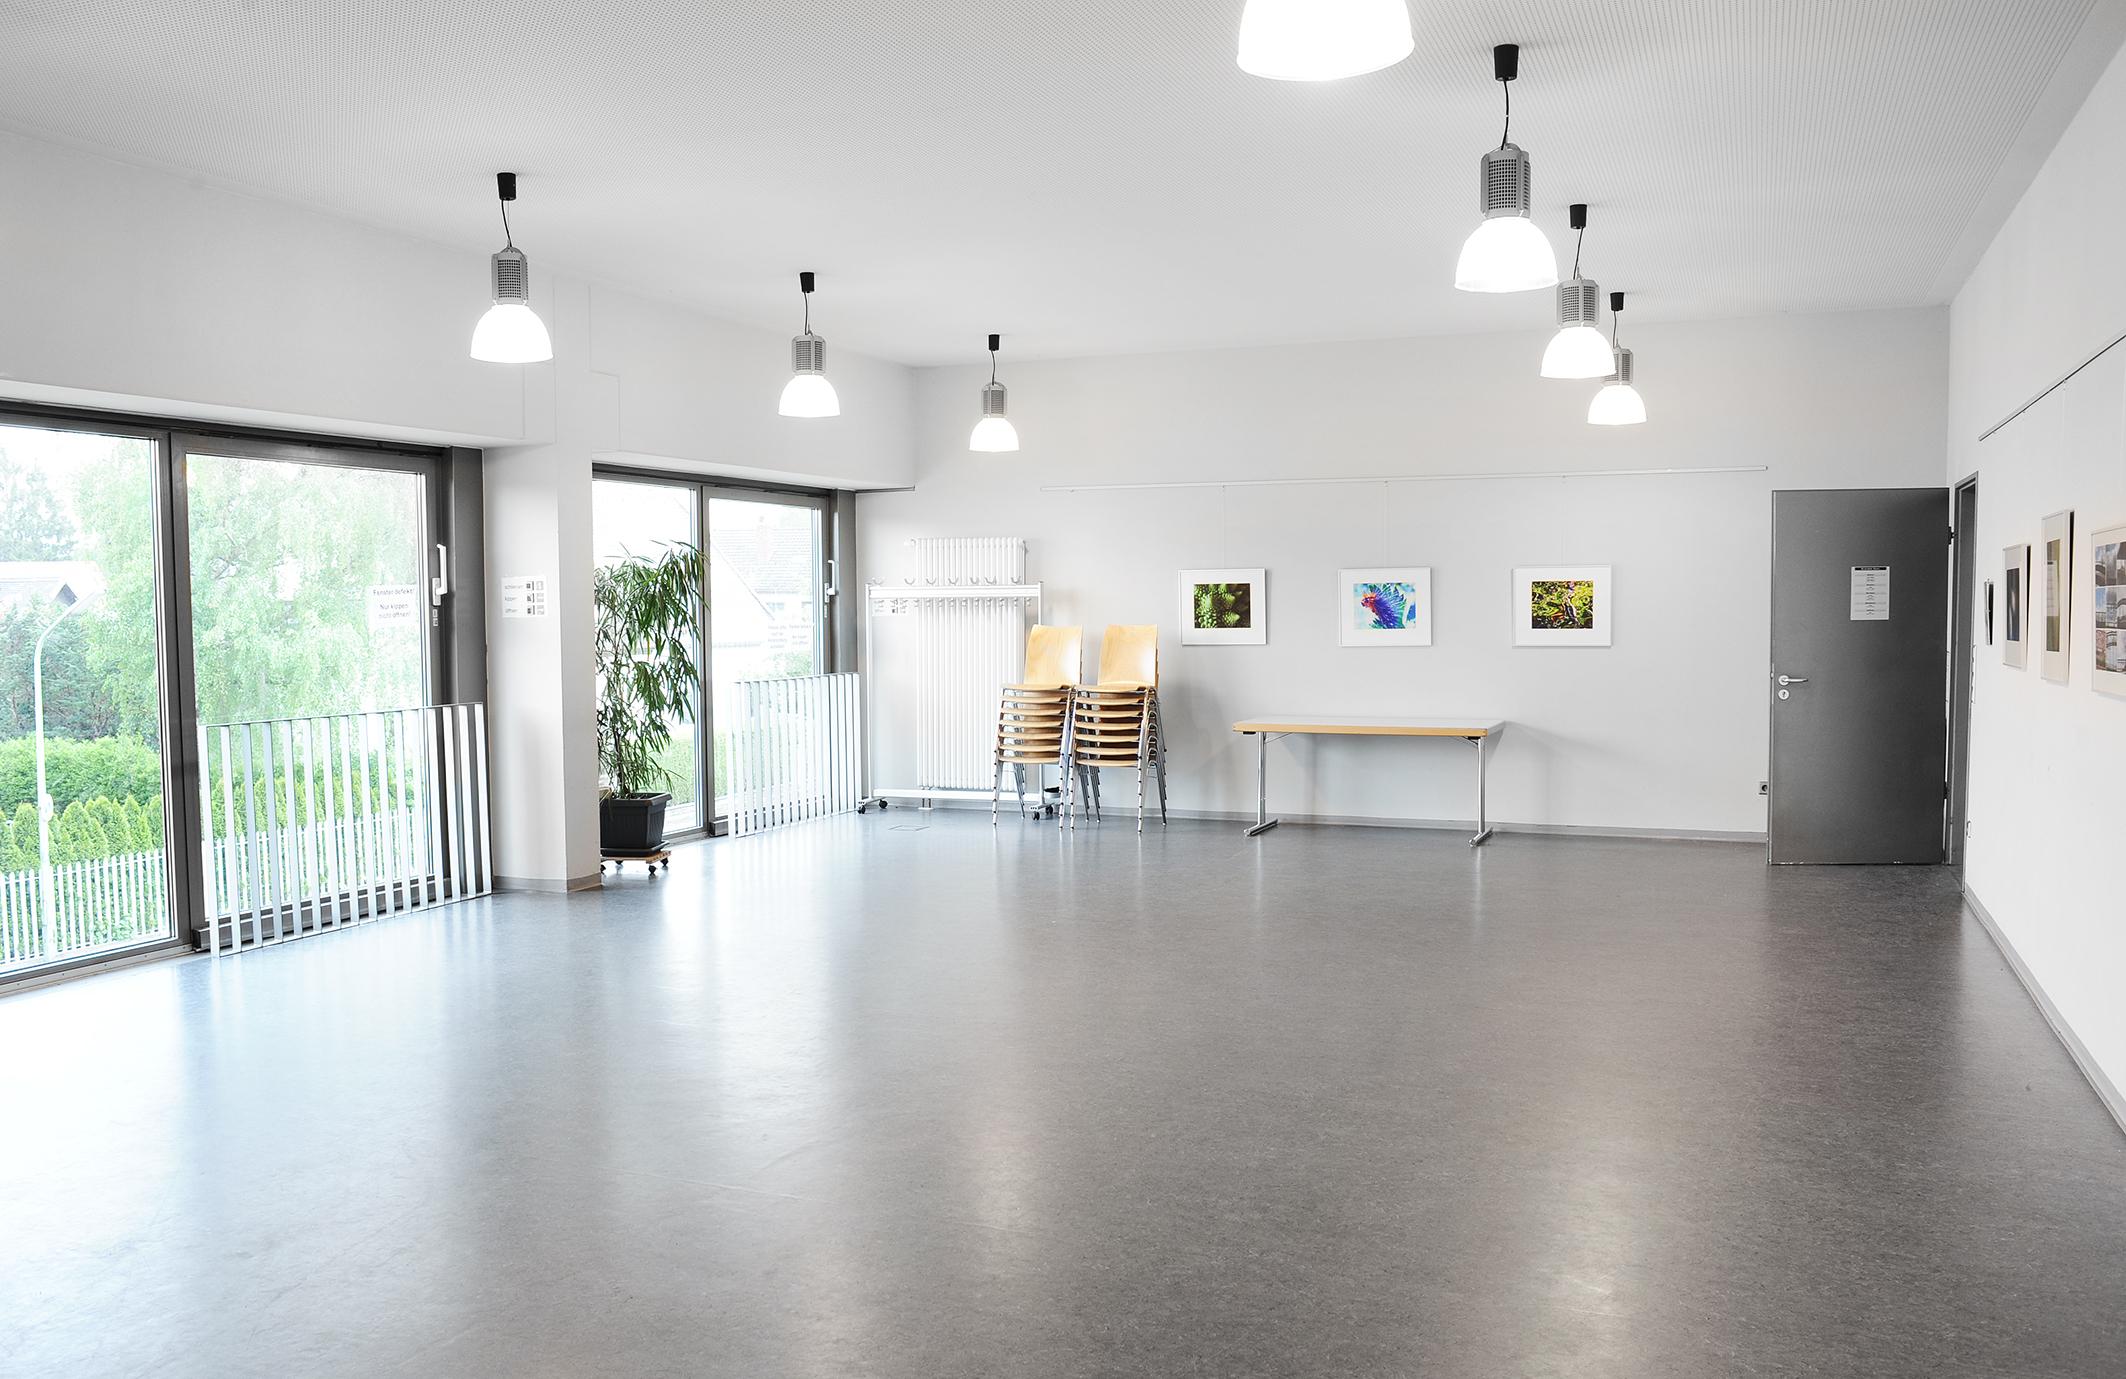 Kleiner Saal 1